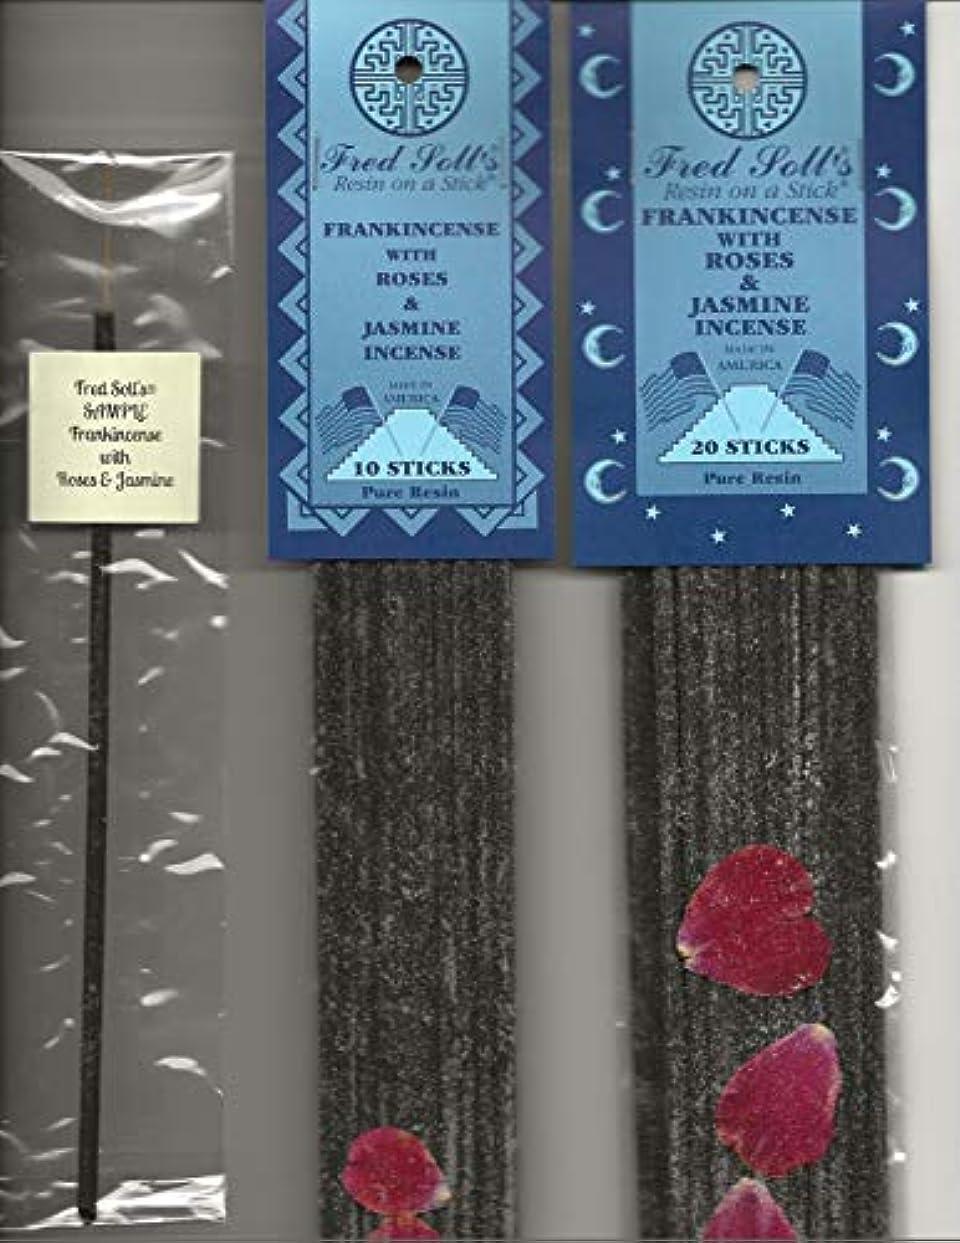 放棄する代替レパートリーFred Soll 's Frankincense with Roses &ジャスミンお香、20 Sticks